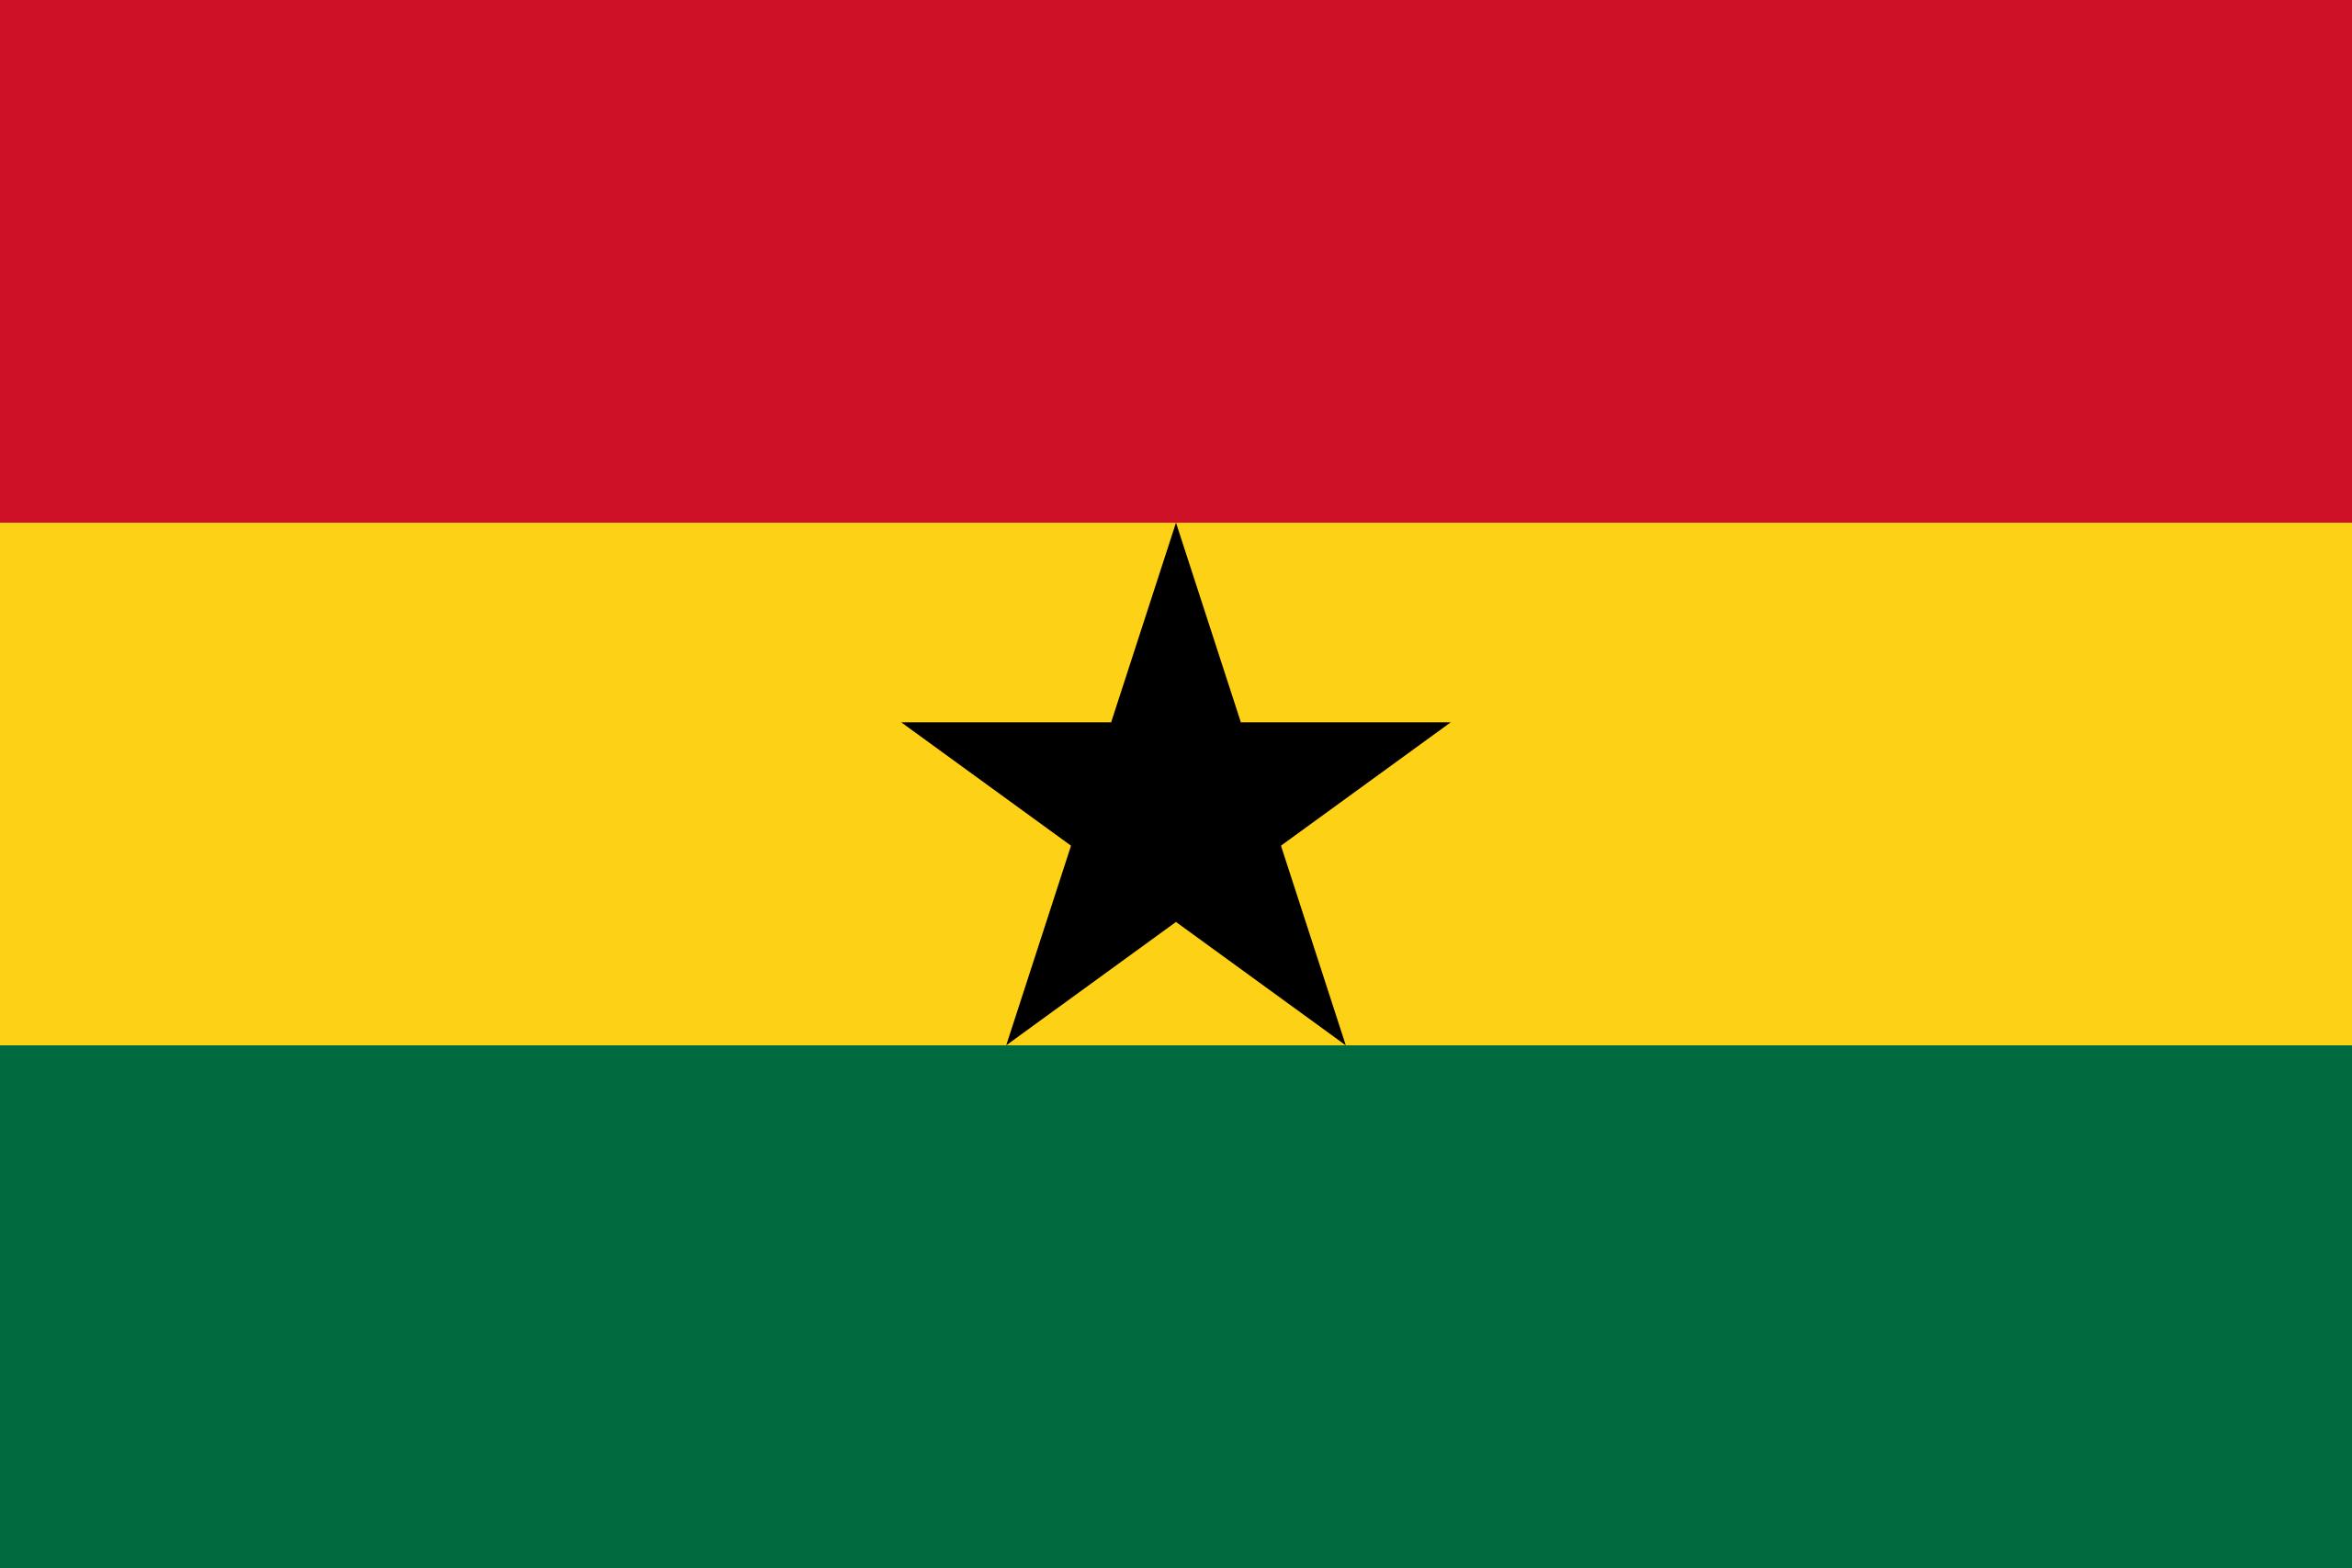 加纳, 国家, 会徽, 徽标, 符号 - 高清壁纸 - 教授-falken.com